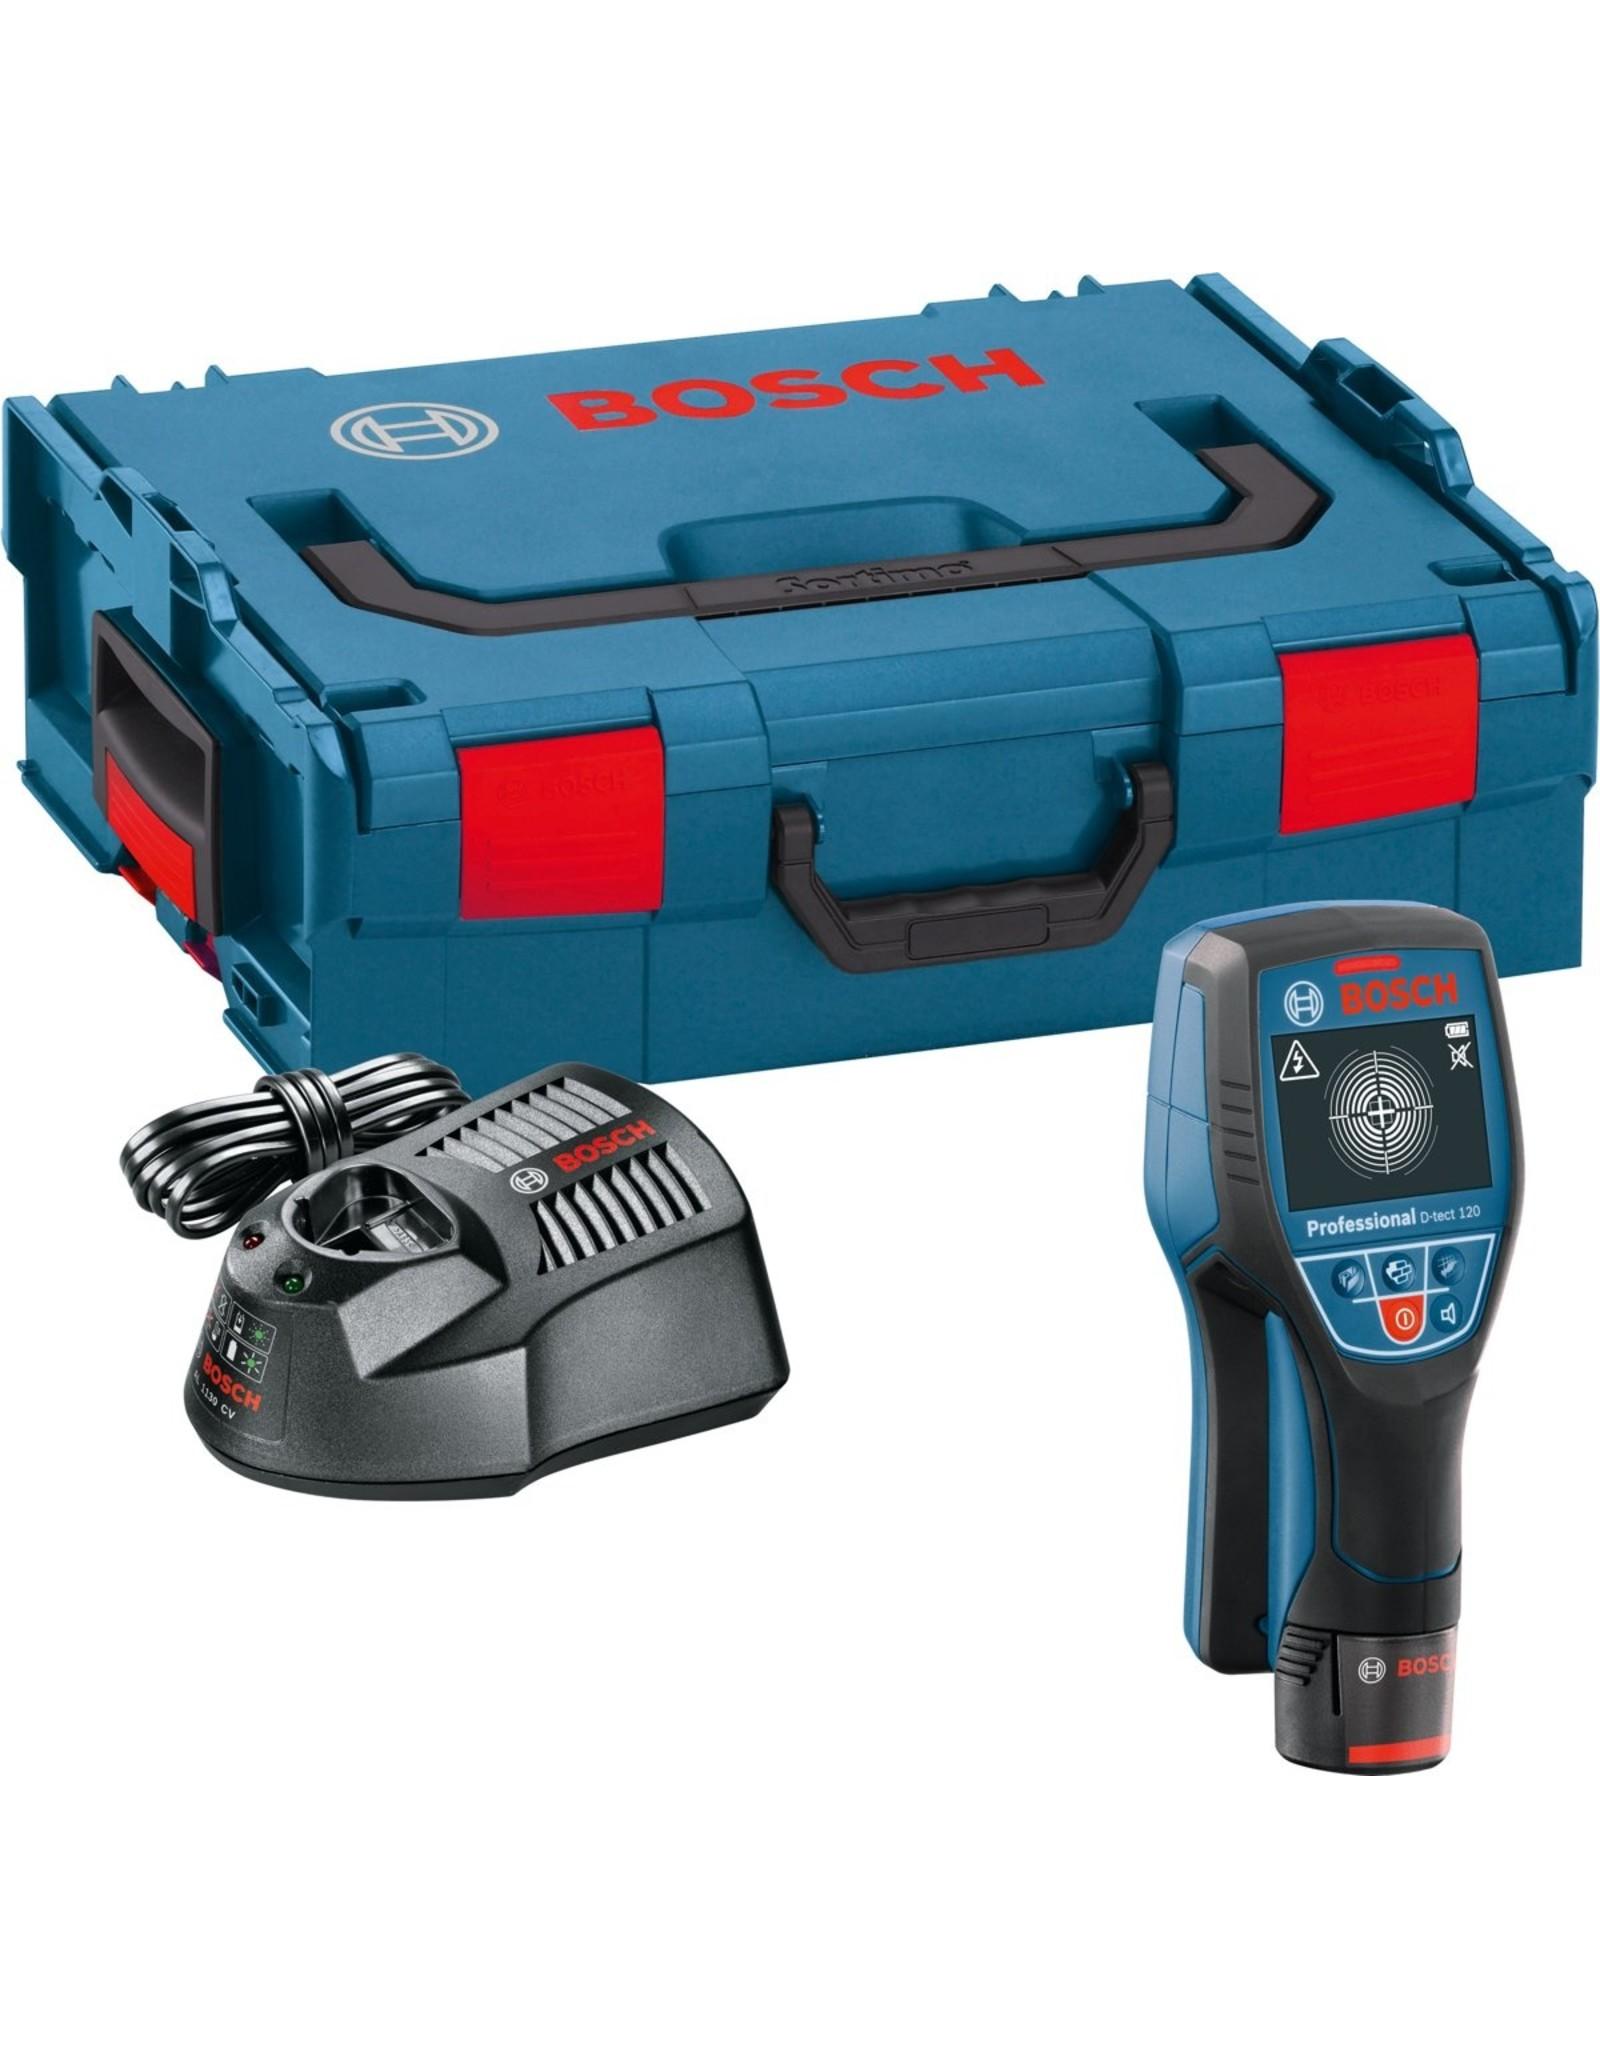 Bosch Professional Bosch Professional Wallscanner D-tect 120 Leidingzoeker - Detecteert leidingen tot 60 mm